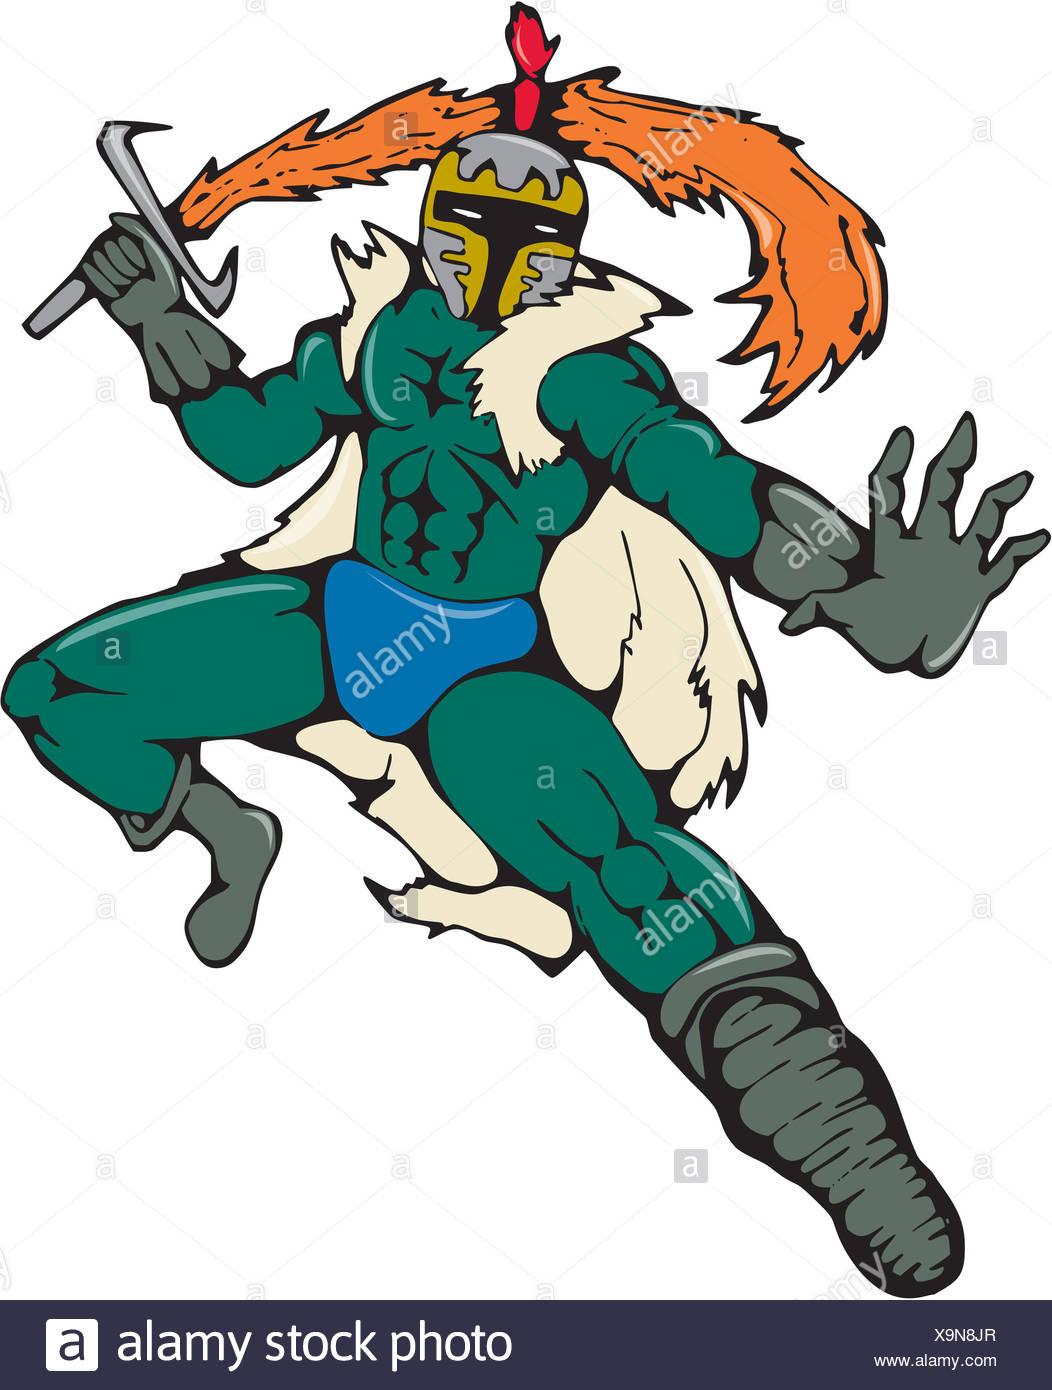 Knight Wield Fiery Sword Cartoon - Stock Image